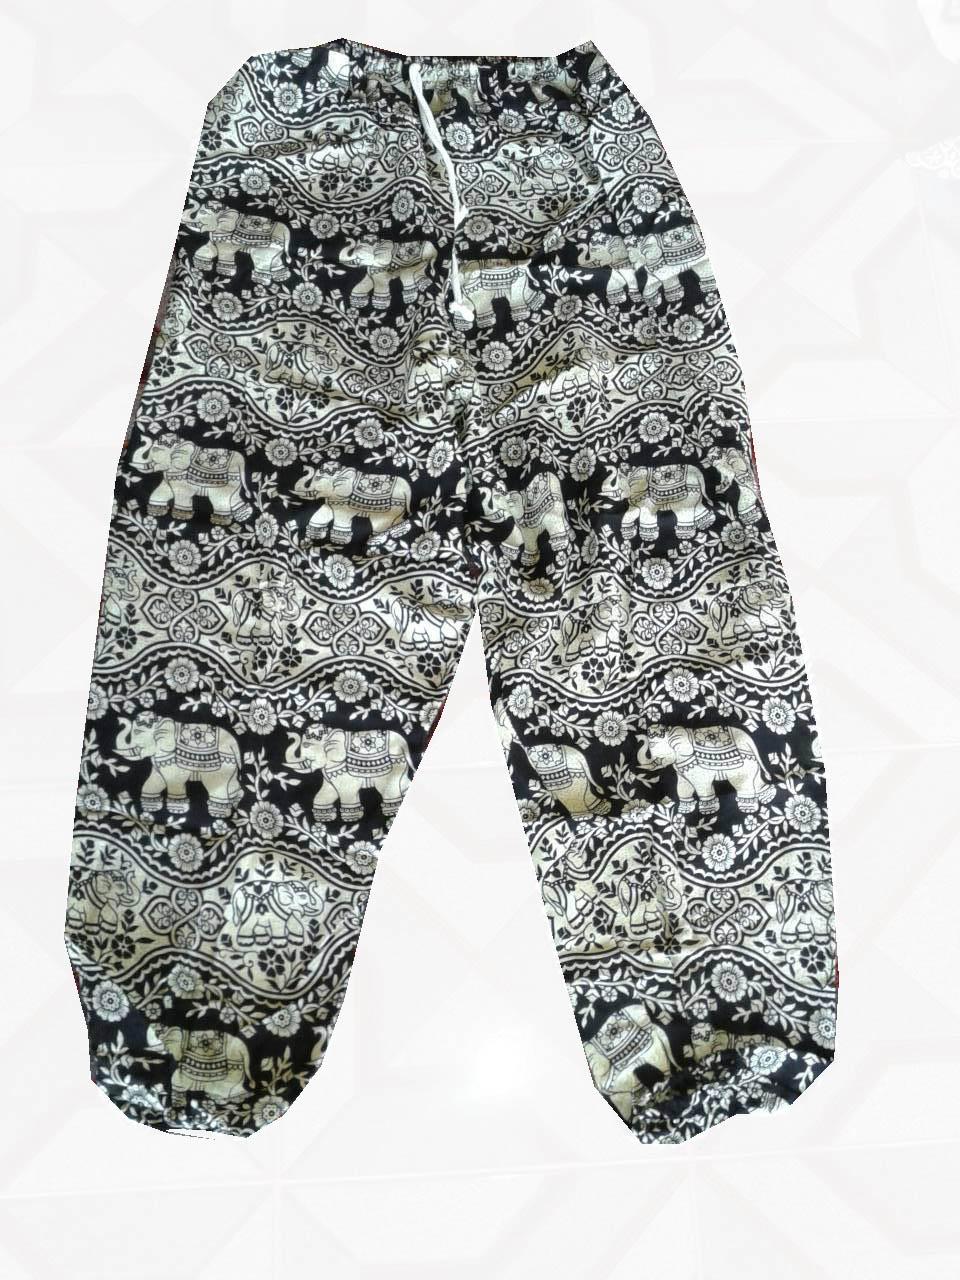 Casual Pant-Rayon pant